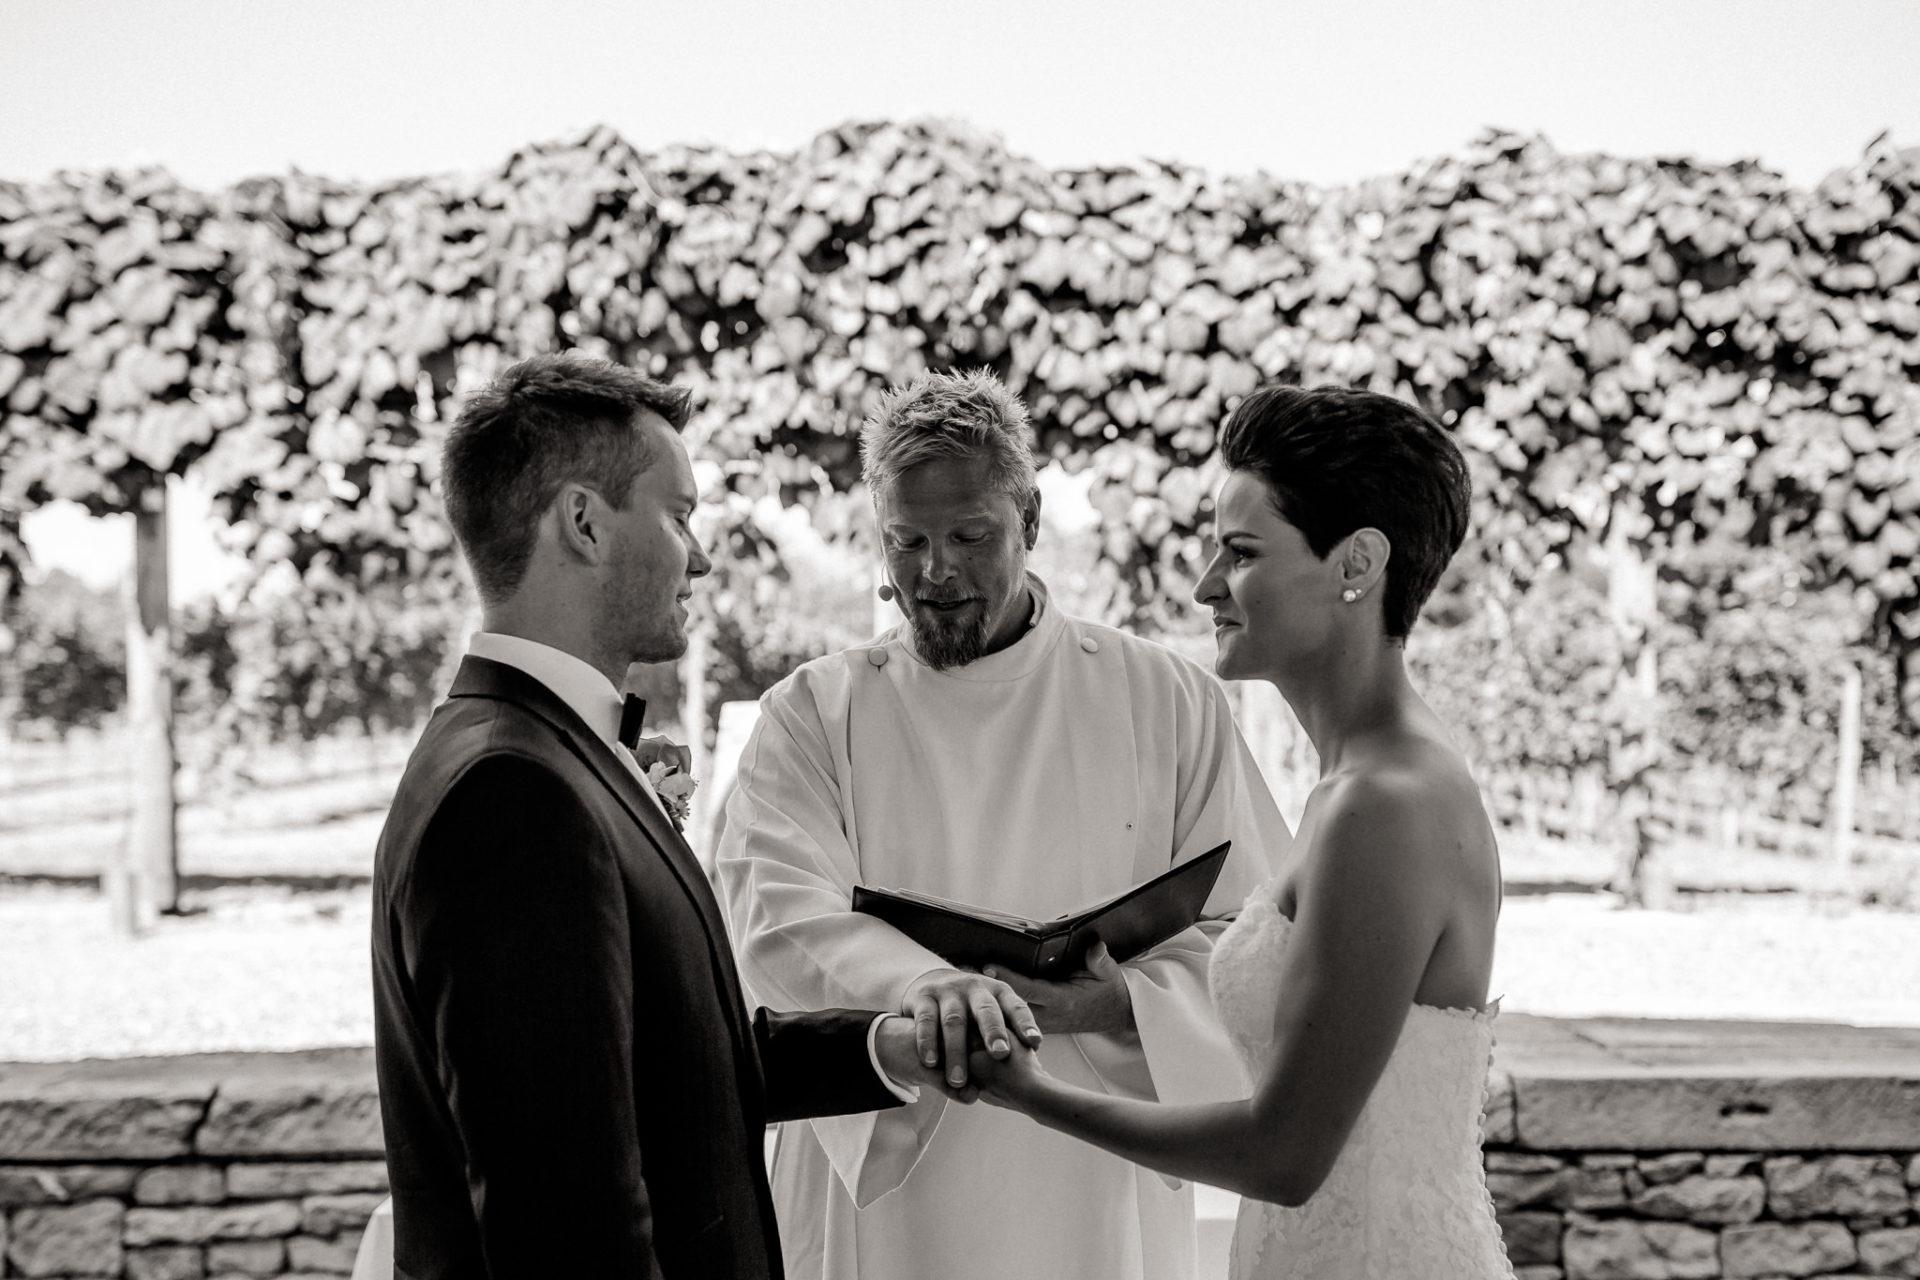 Weingut Fitz Ritter Hochzeitsfotograf-heiraten Pfalz-Sommerhochzeit Freie Trauung Brautpaar